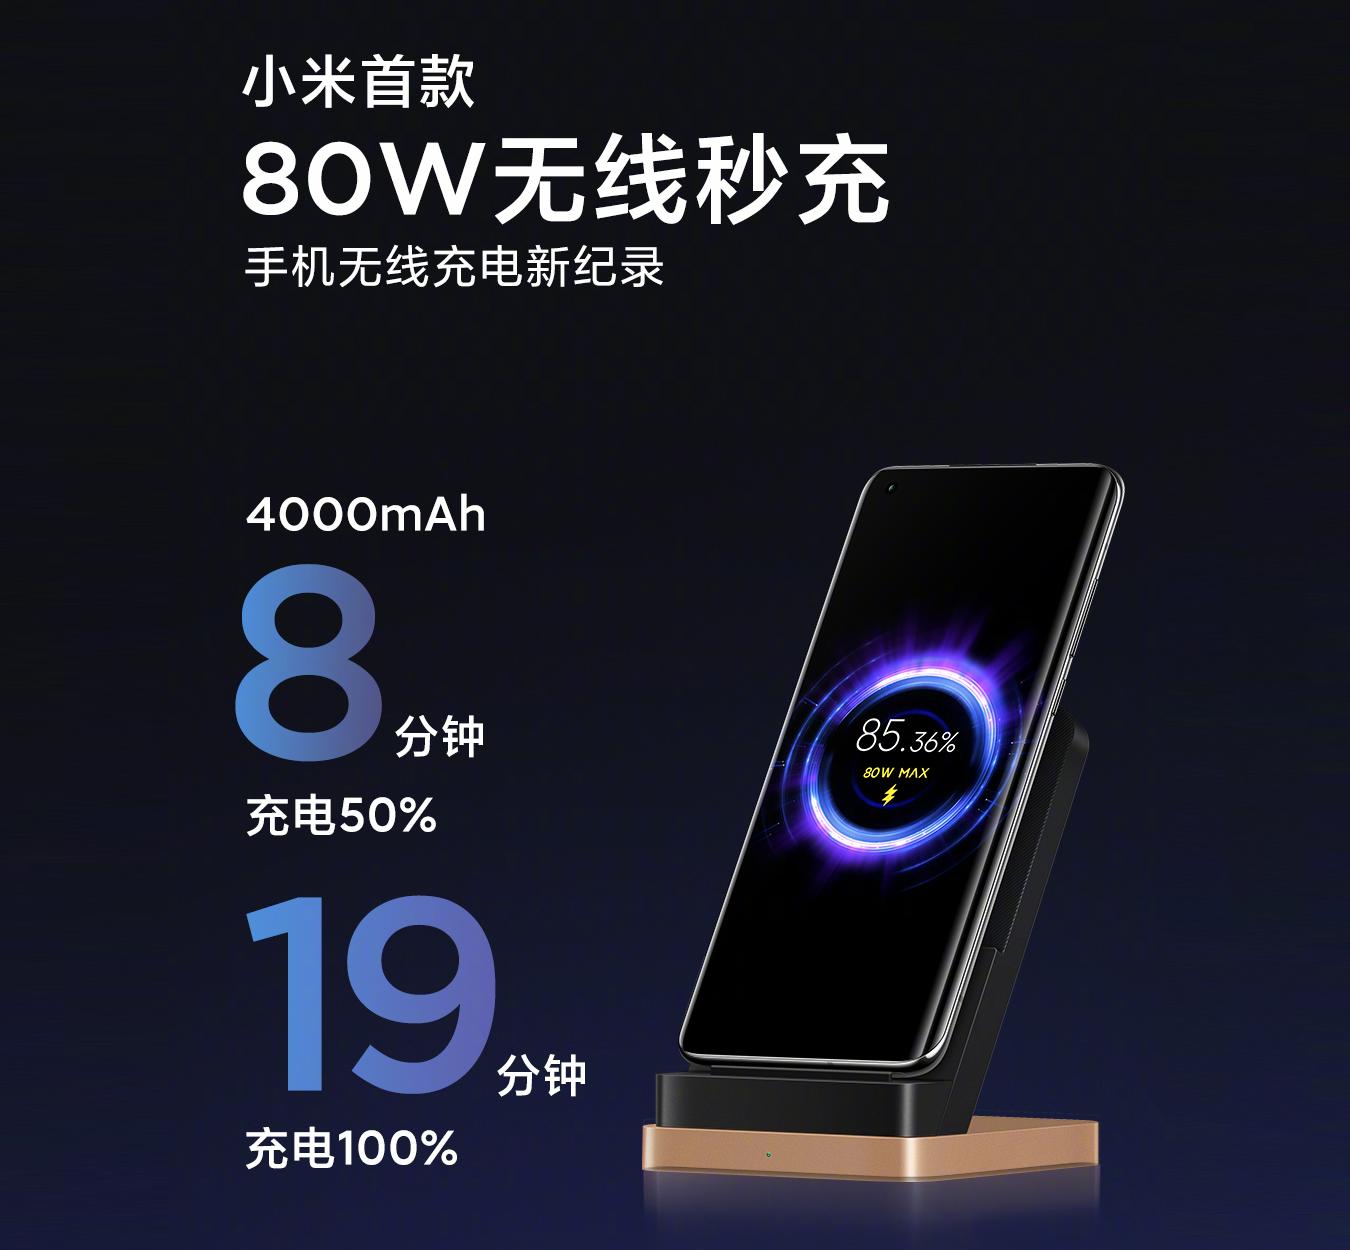 """小米再创""""新纪录"""",80W无线秒充问世,苹果简直弱爆了!"""